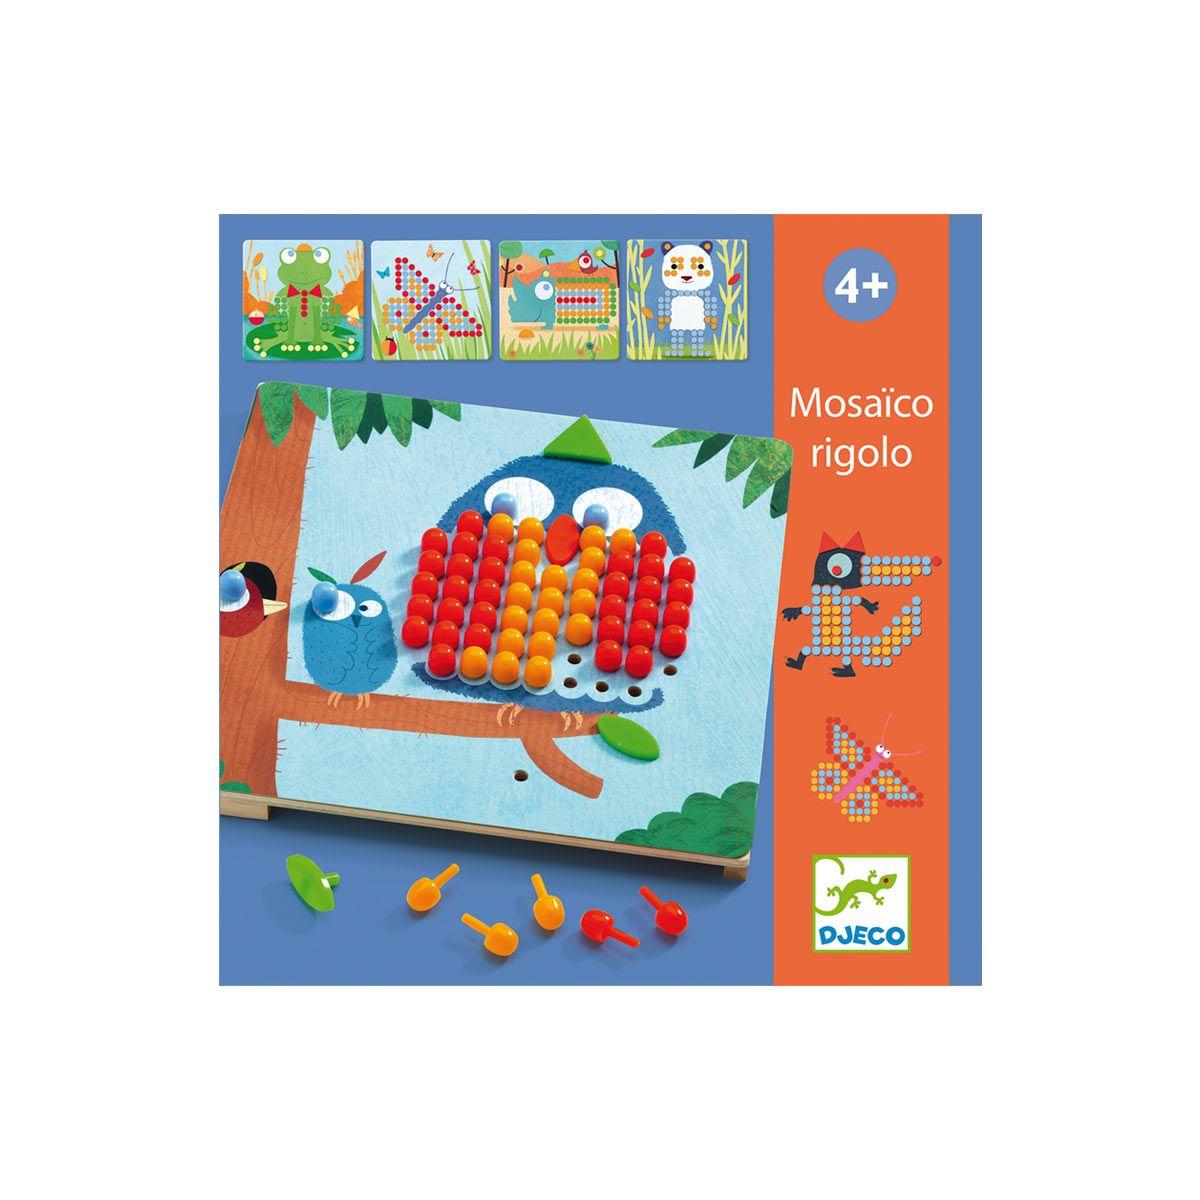 Jeu Éducatif Mosaïco Rigolo Djeco Pour Enfant De 3 Ans À 6 dedans Jeux Educatif Enfant 6 Ans